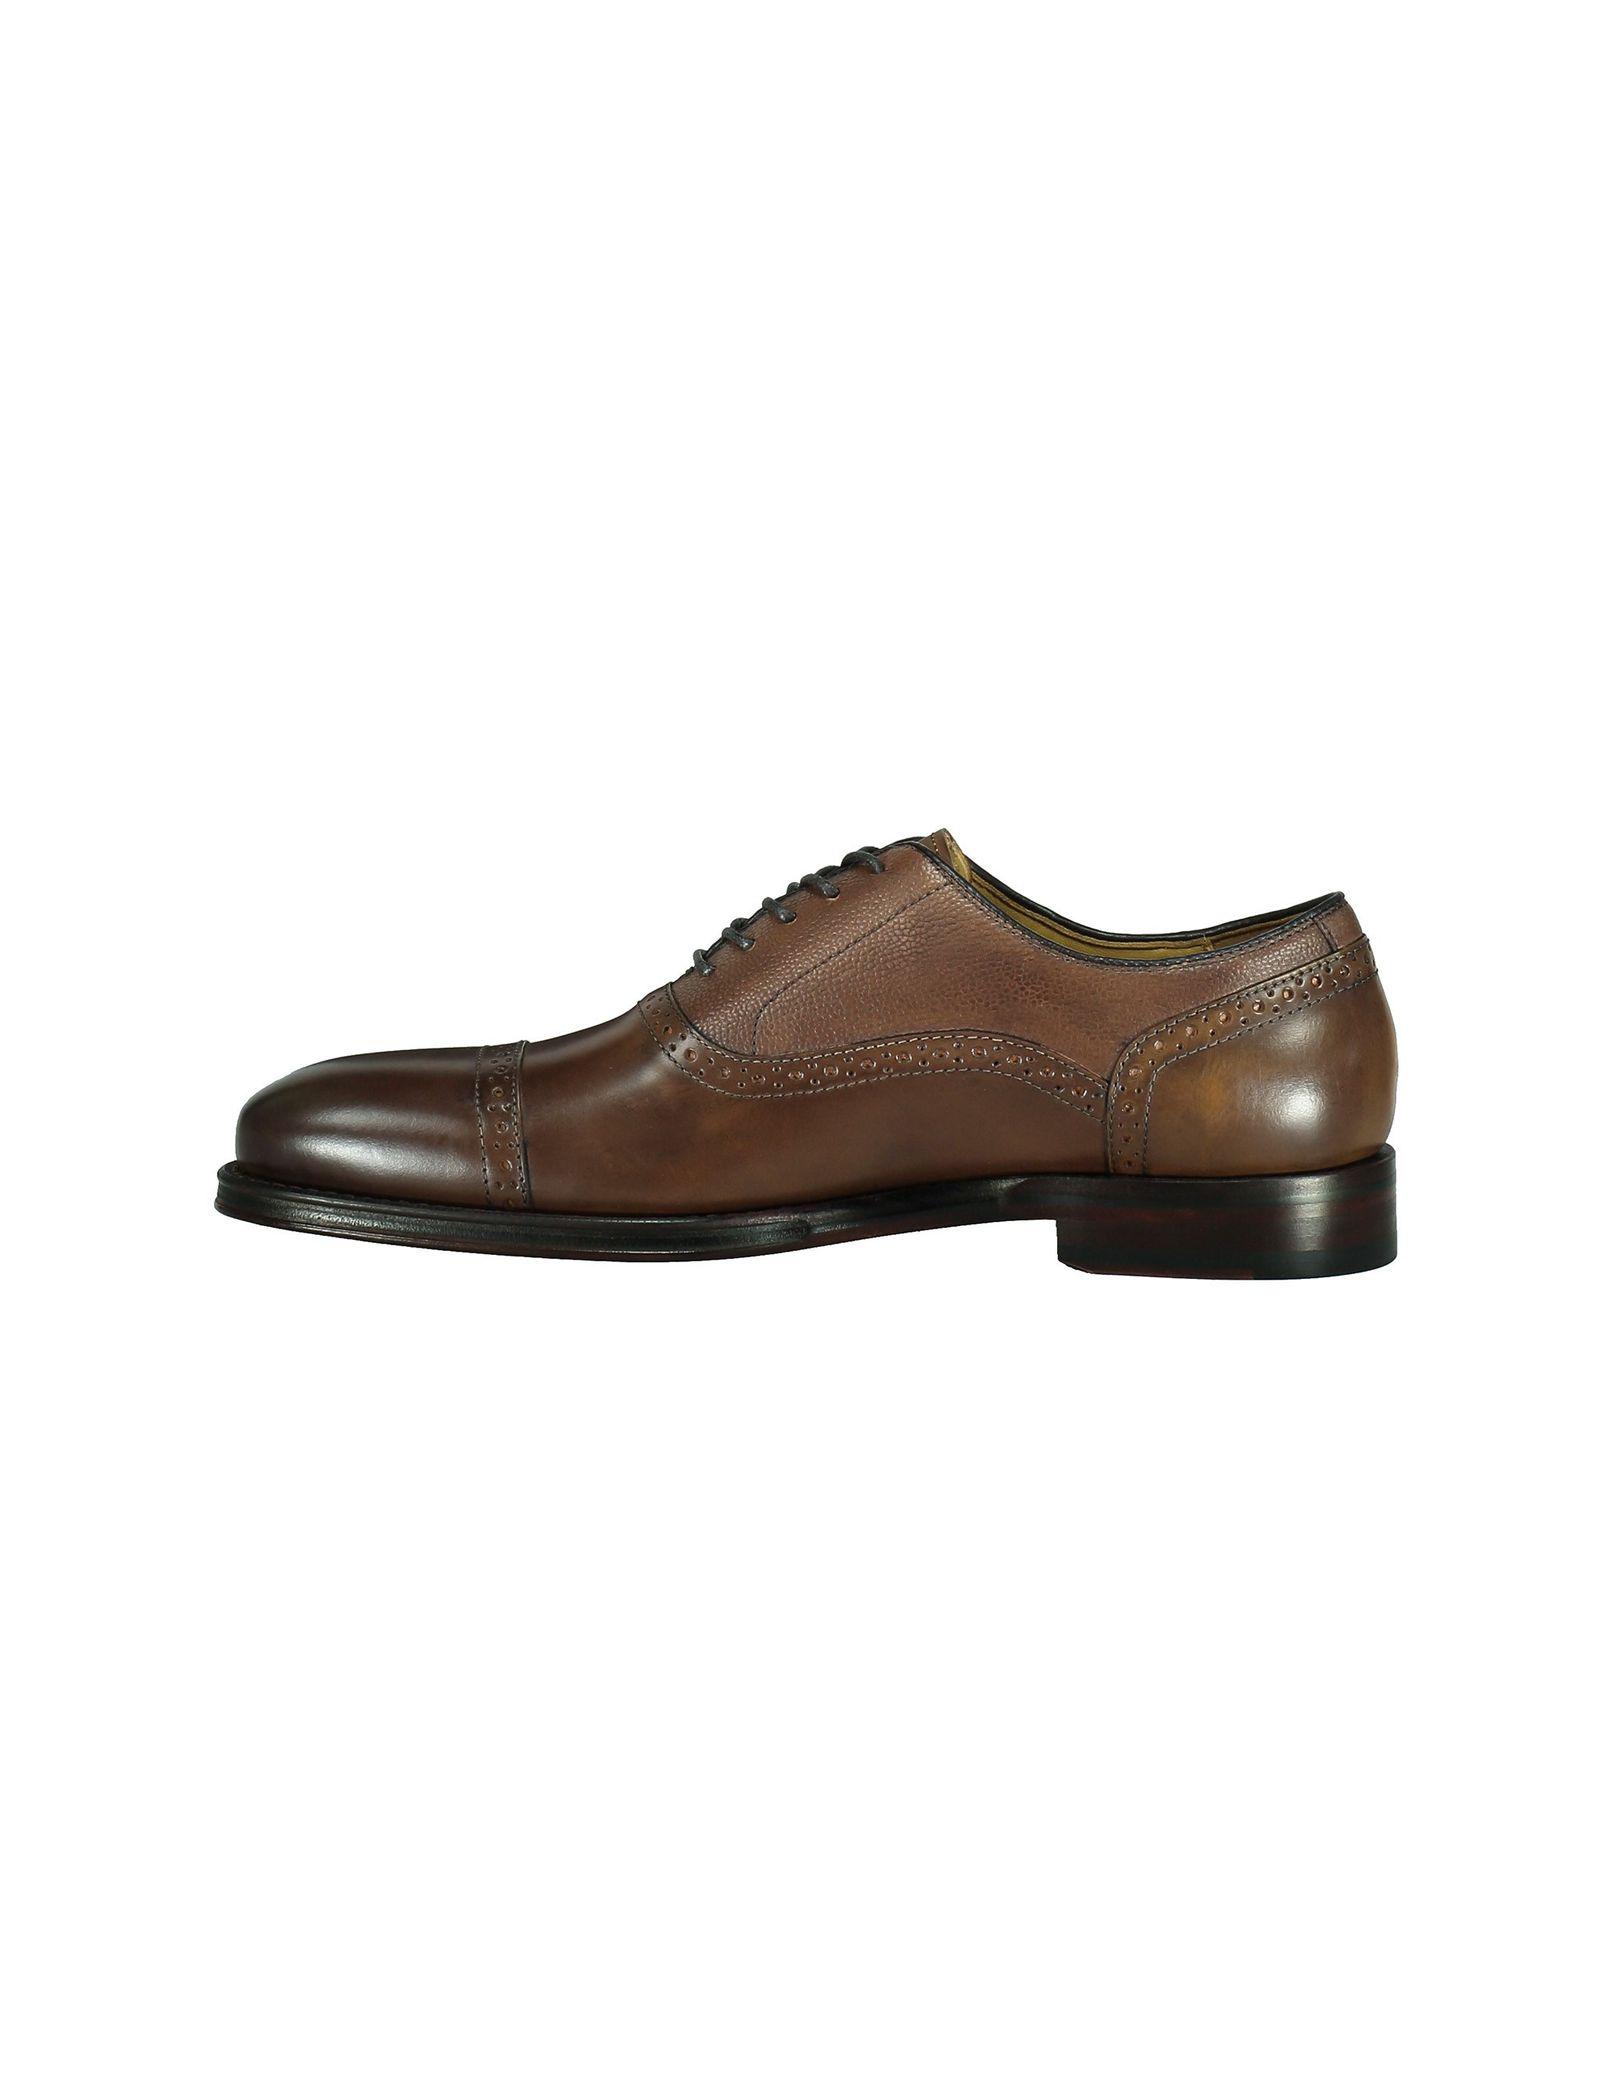 کفش رسمی چرم مردانه - آلدو - قهوه اي - 3